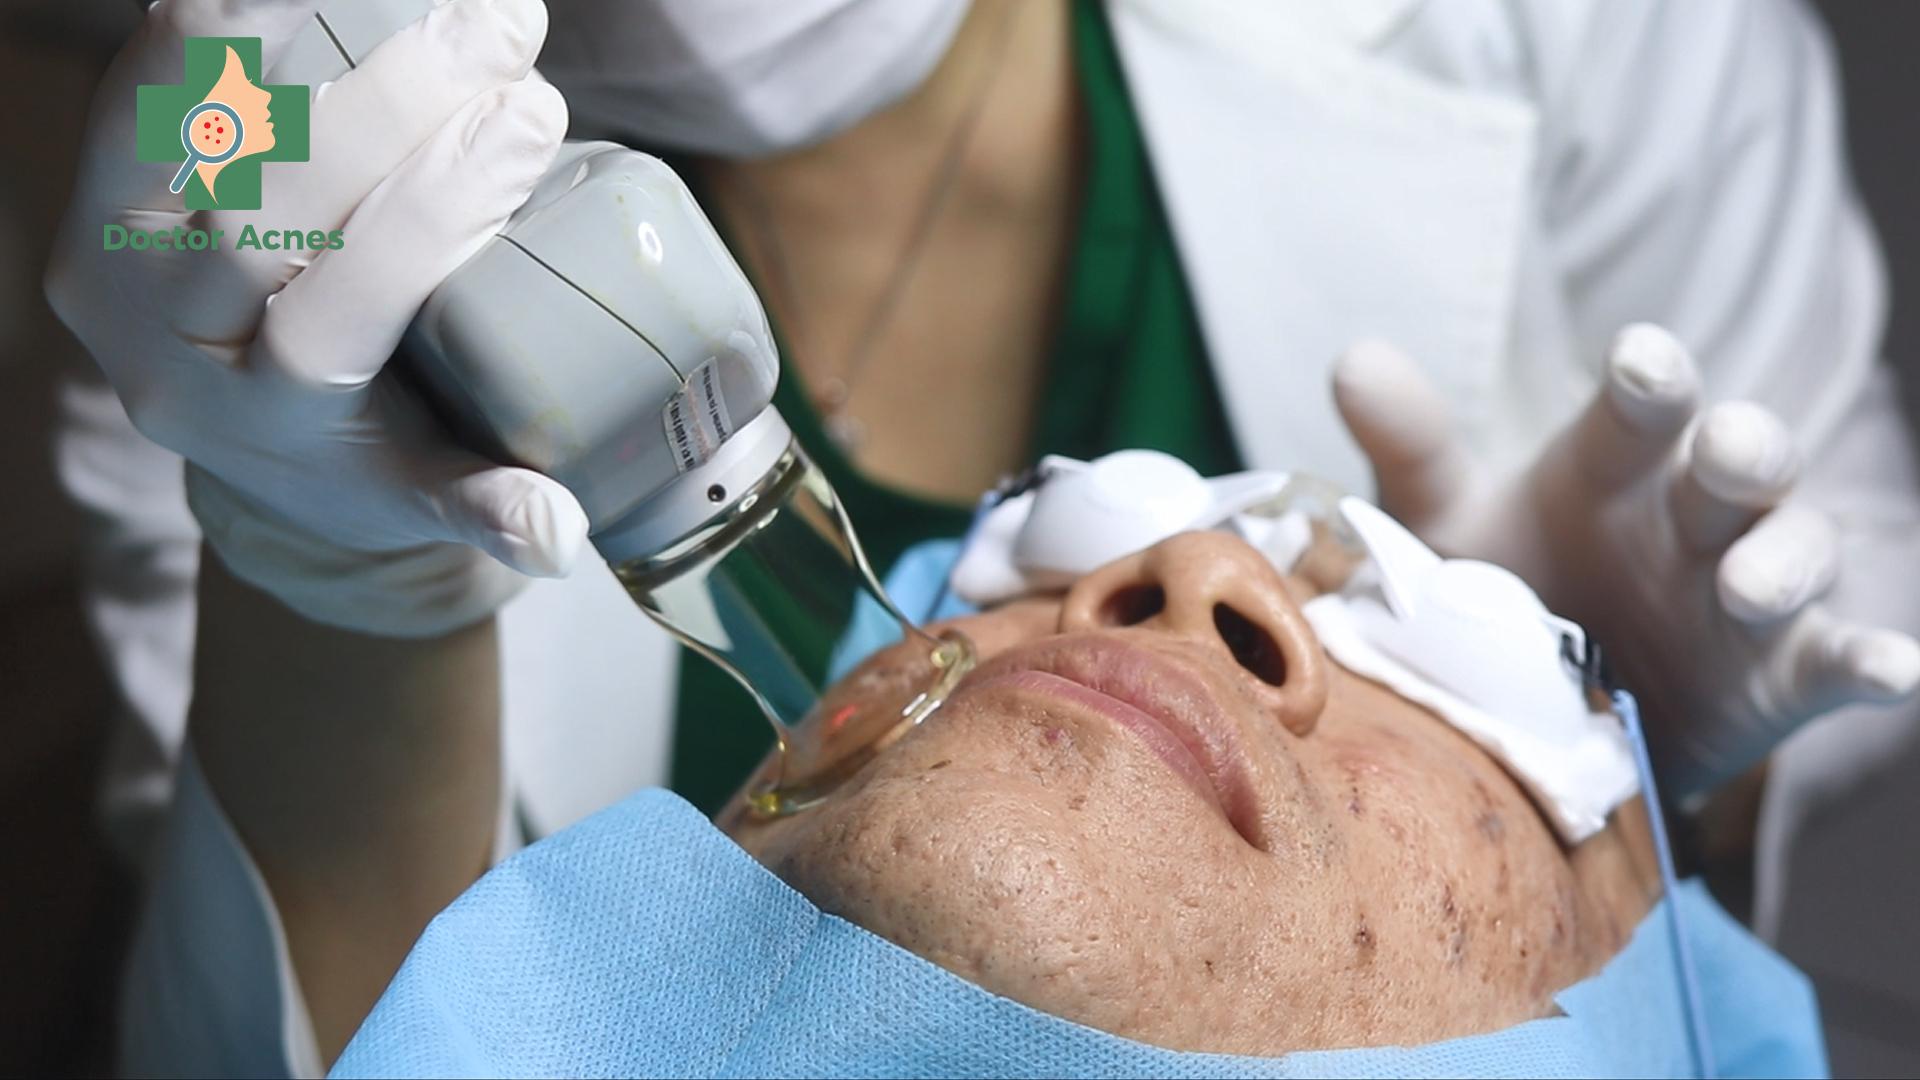 Bác sĩ thực hiện liệu trình trị sẹo Doctor Acnes